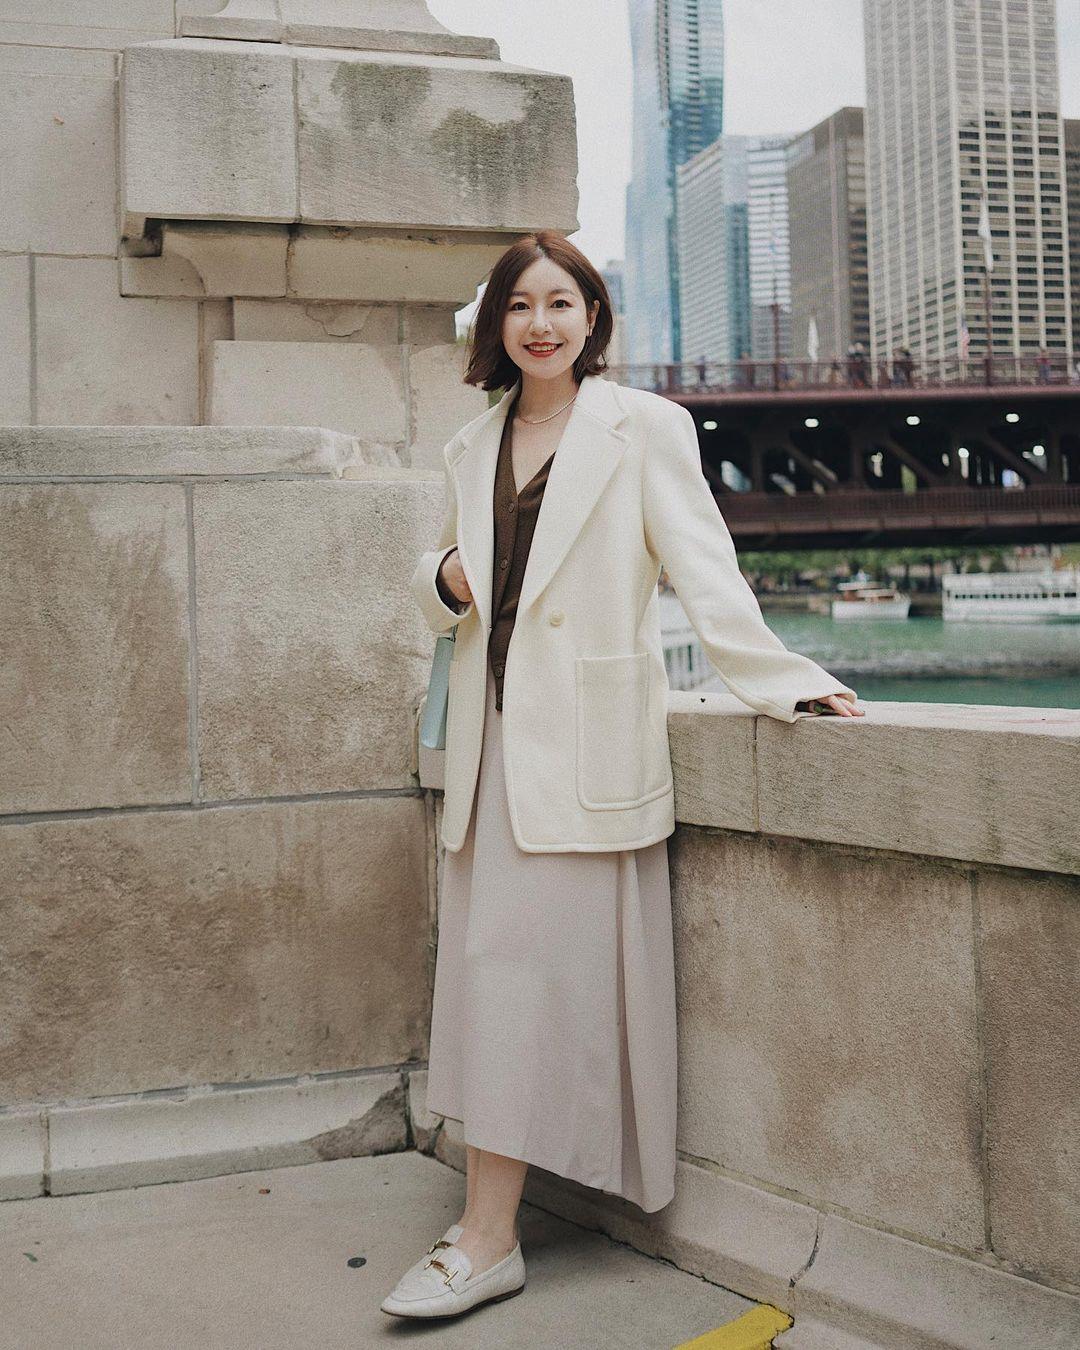 Chỉ với một kiểu blazer, nàng fashionista đã mix được cả chục set đồ xịn đẹp, thấy mà chẳng muốn shopping nhiều cho phí tiền - Ảnh 10.